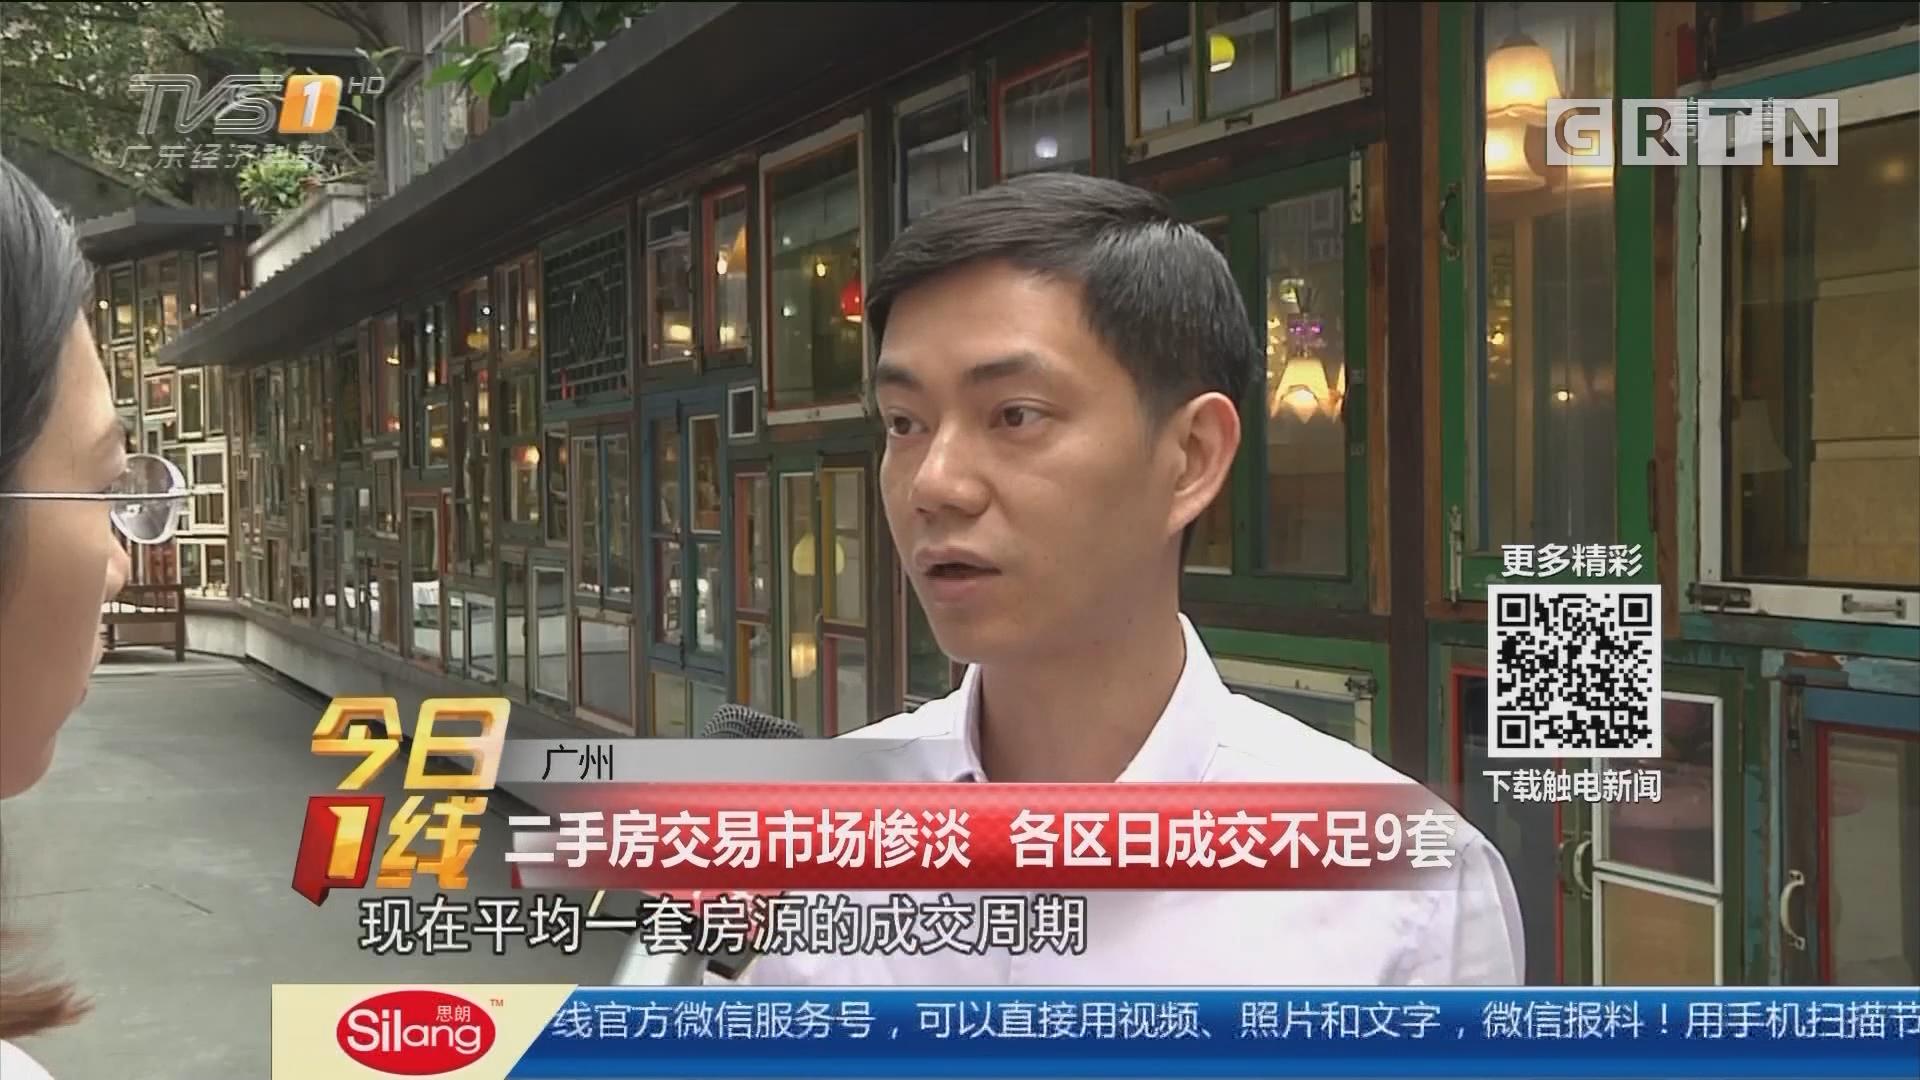 广州:二手房交易市场惨淡 各区日成交不足9套